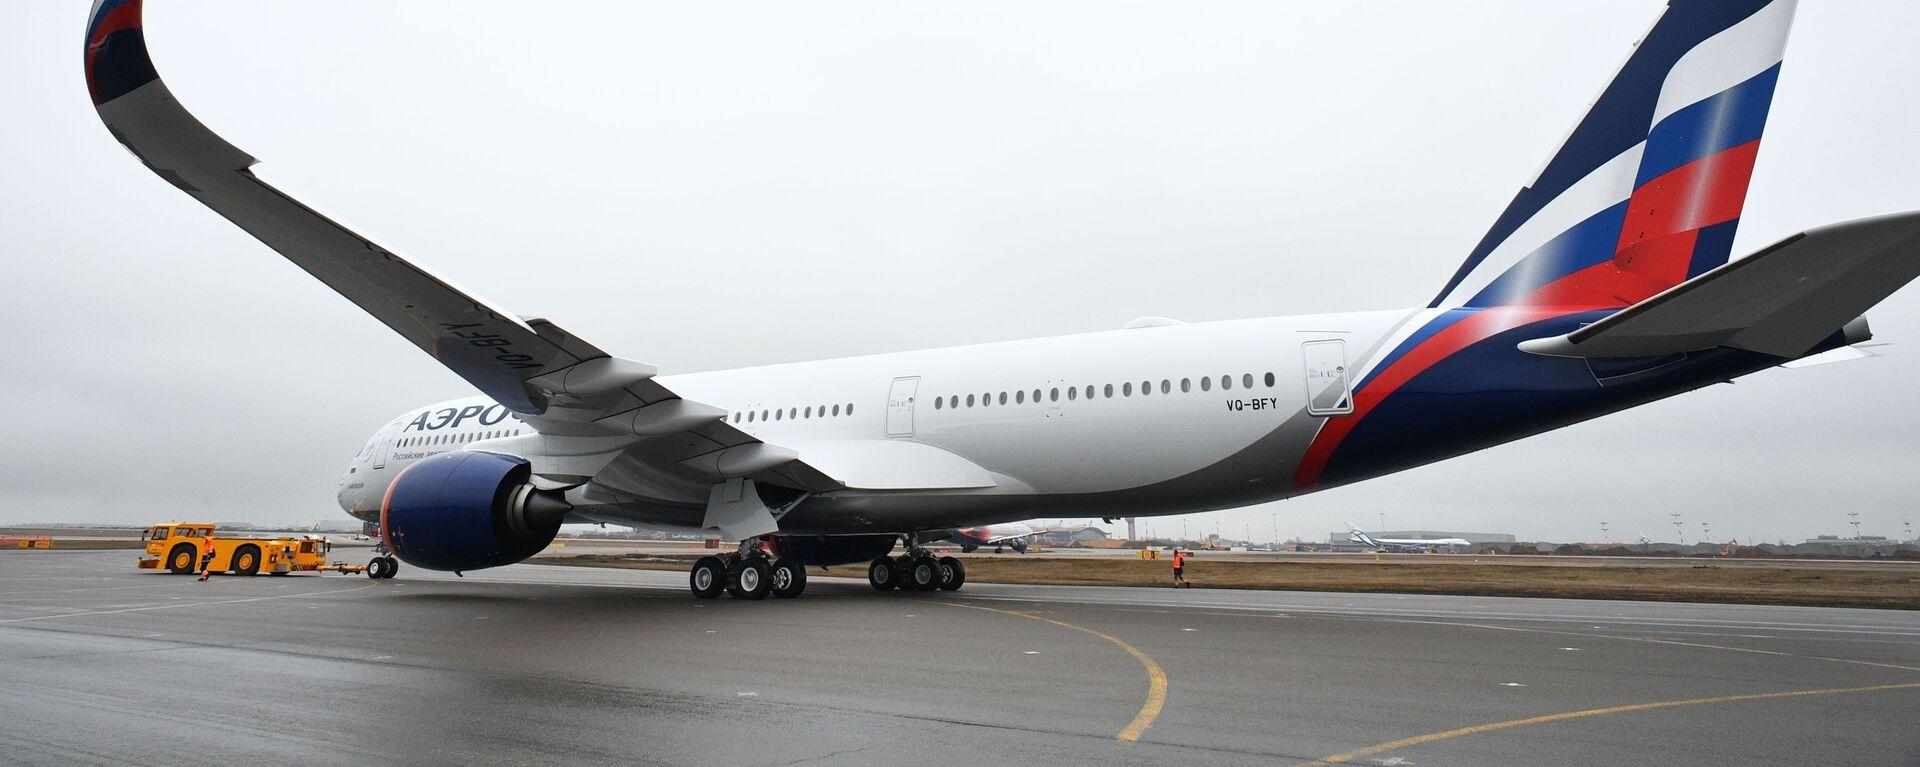 Presentación del primer Airbus A350-900 de la aerolínea rusa, Aeroflot - Sputnik Mundo, 1920, 09.09.2021